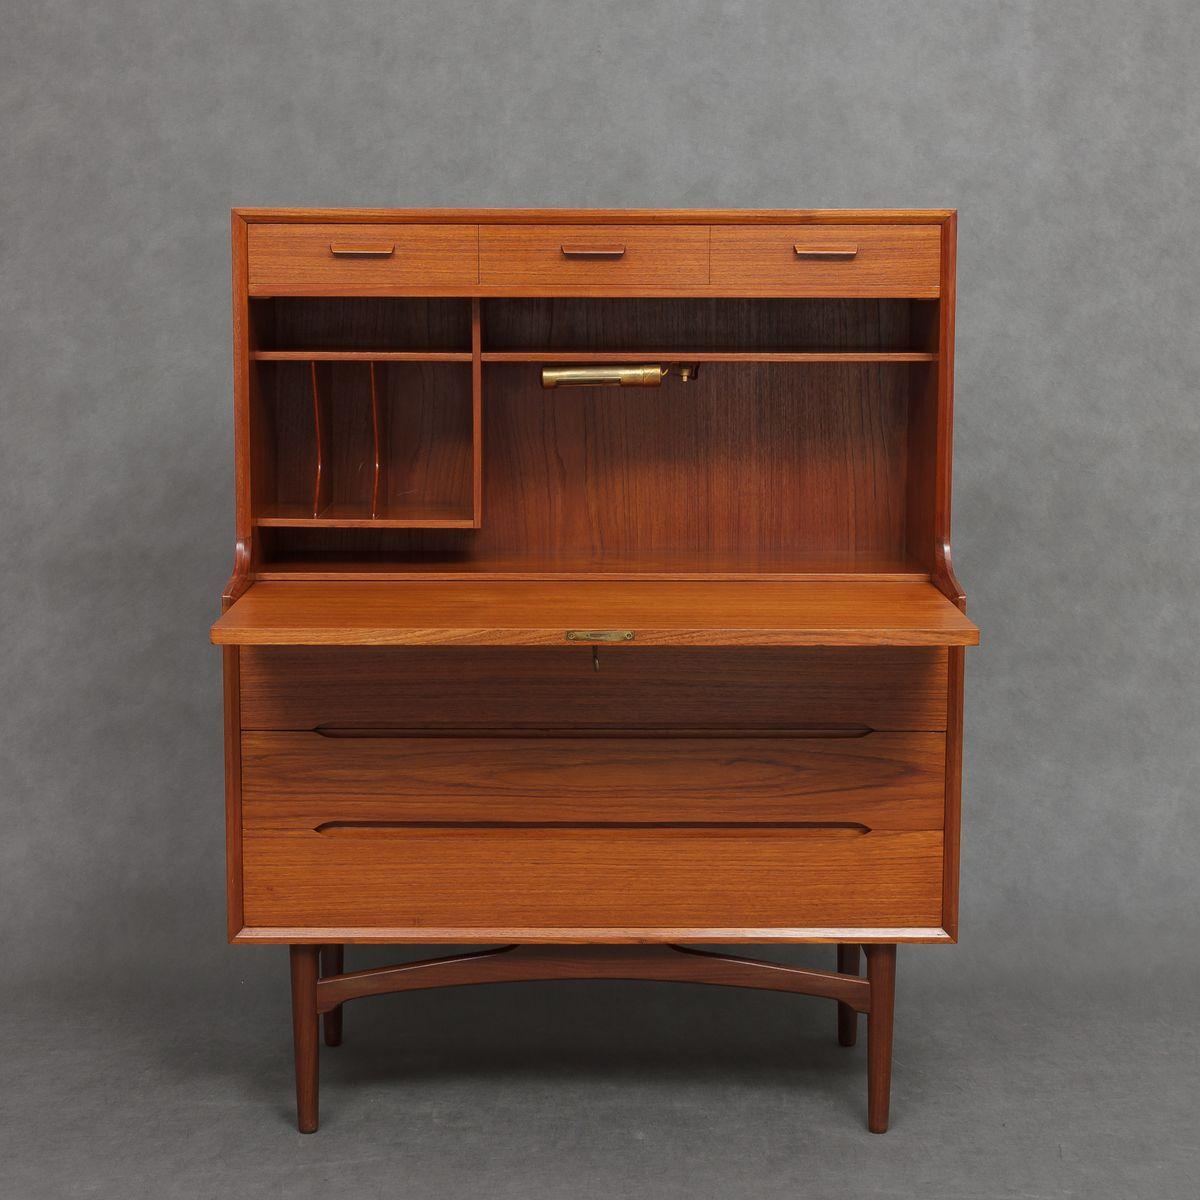 mid century teak sekret r von arne wahl iversen f r vinde mobelfabrik bei pamono kaufen. Black Bedroom Furniture Sets. Home Design Ideas